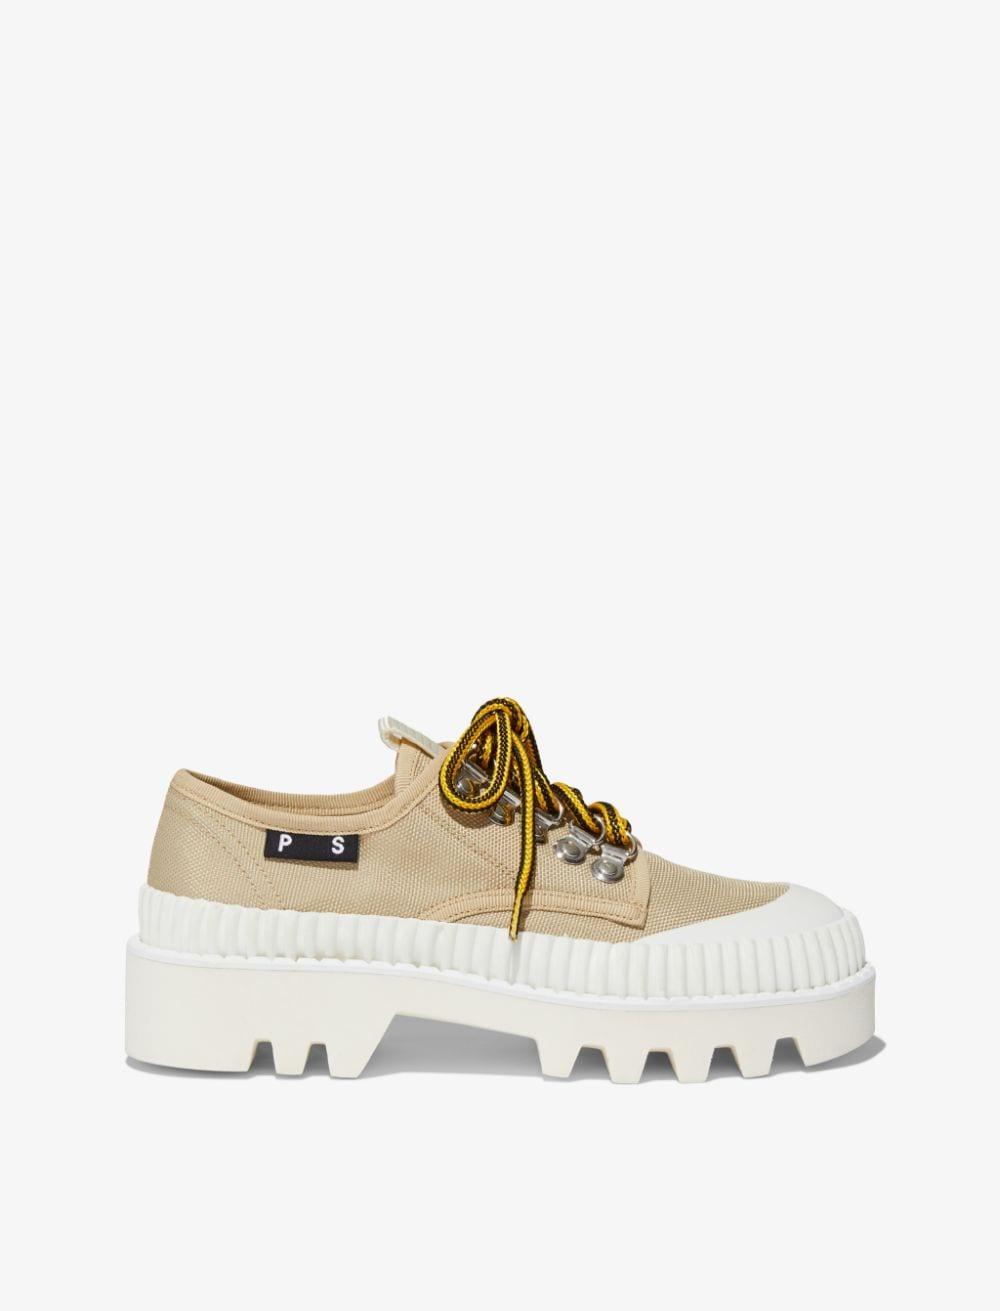 Proenza Schouler City Lug Sole Shoes beige + white/neutrals 38